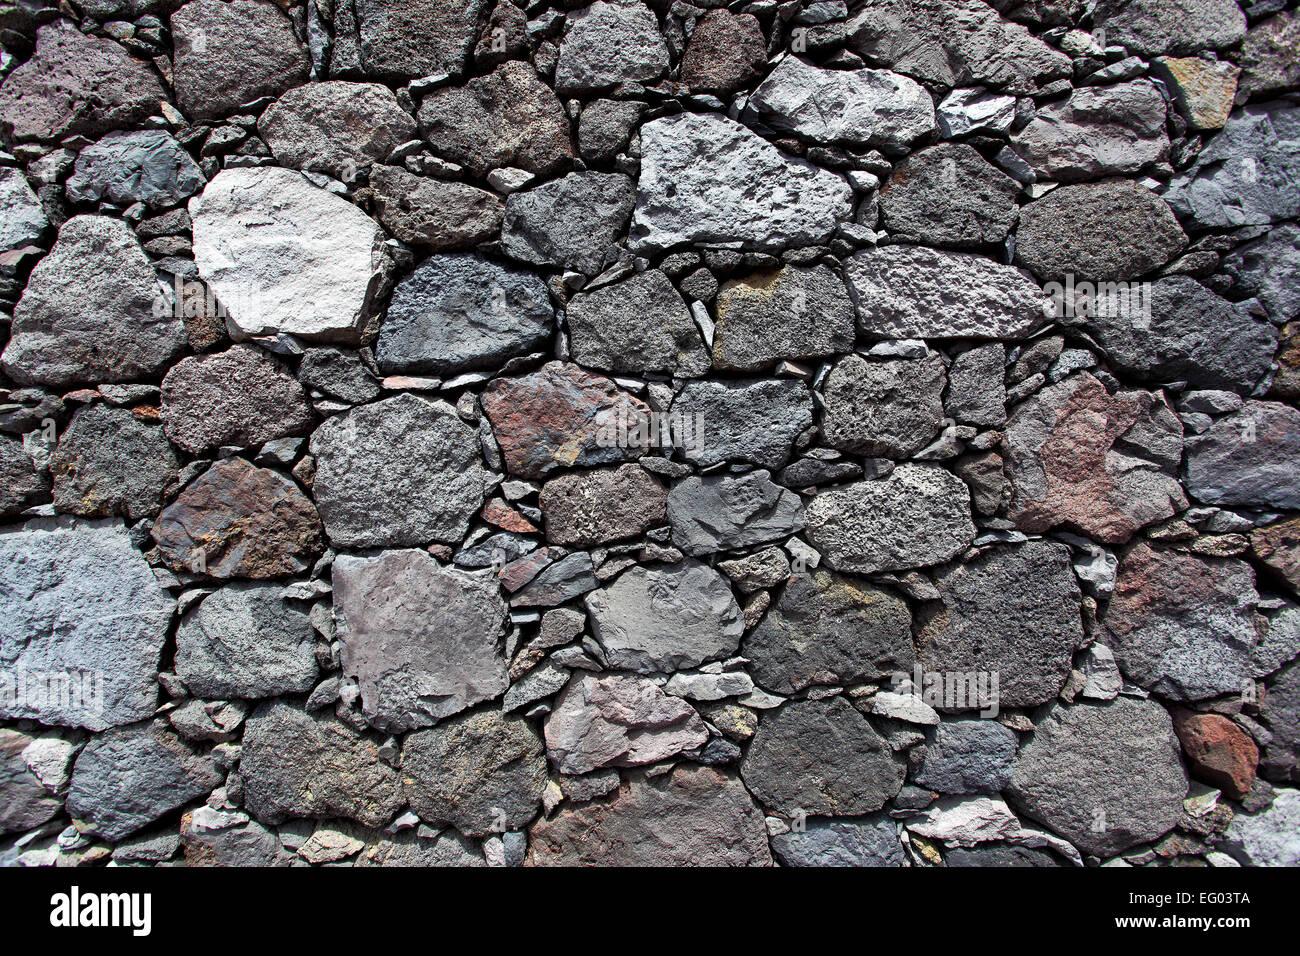 Muro Fatto In Pietra la texture di un muro fatto di pietra vulcanica foto stock